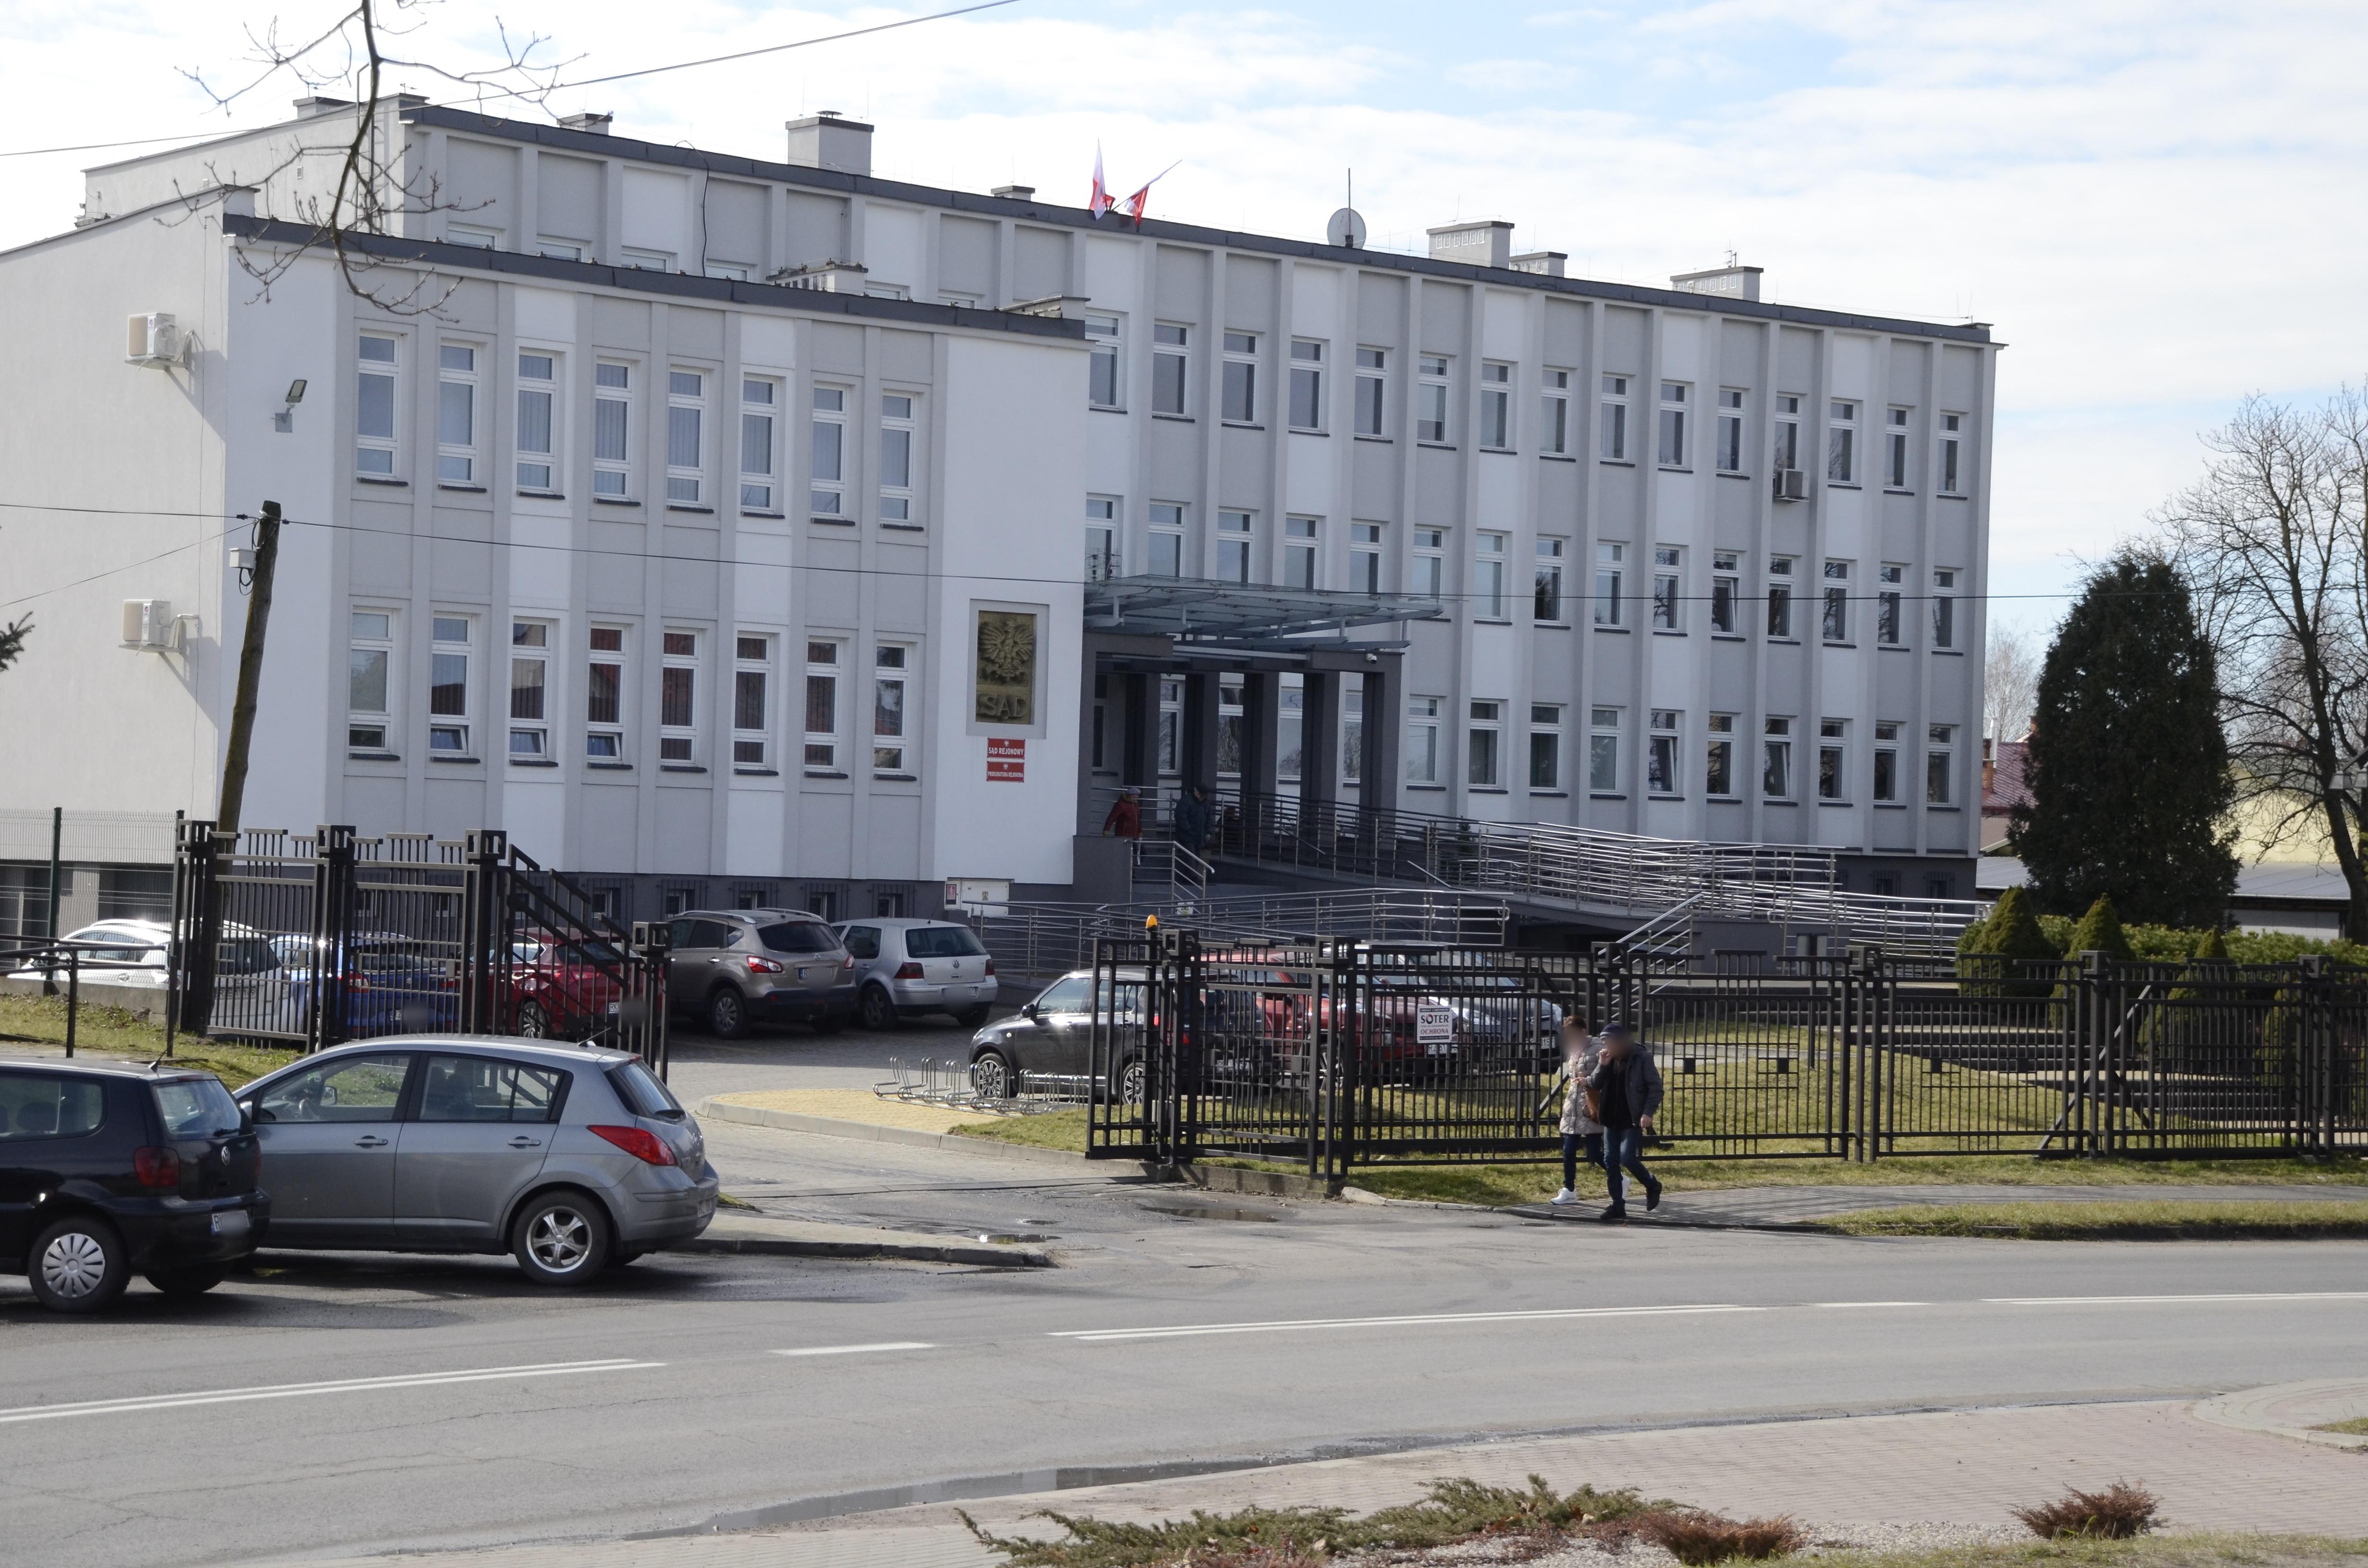 KORONAWIRUS: Kolbuszowska prokuratura odwołuje przyjęcia interesantów - Zdjęcie główne